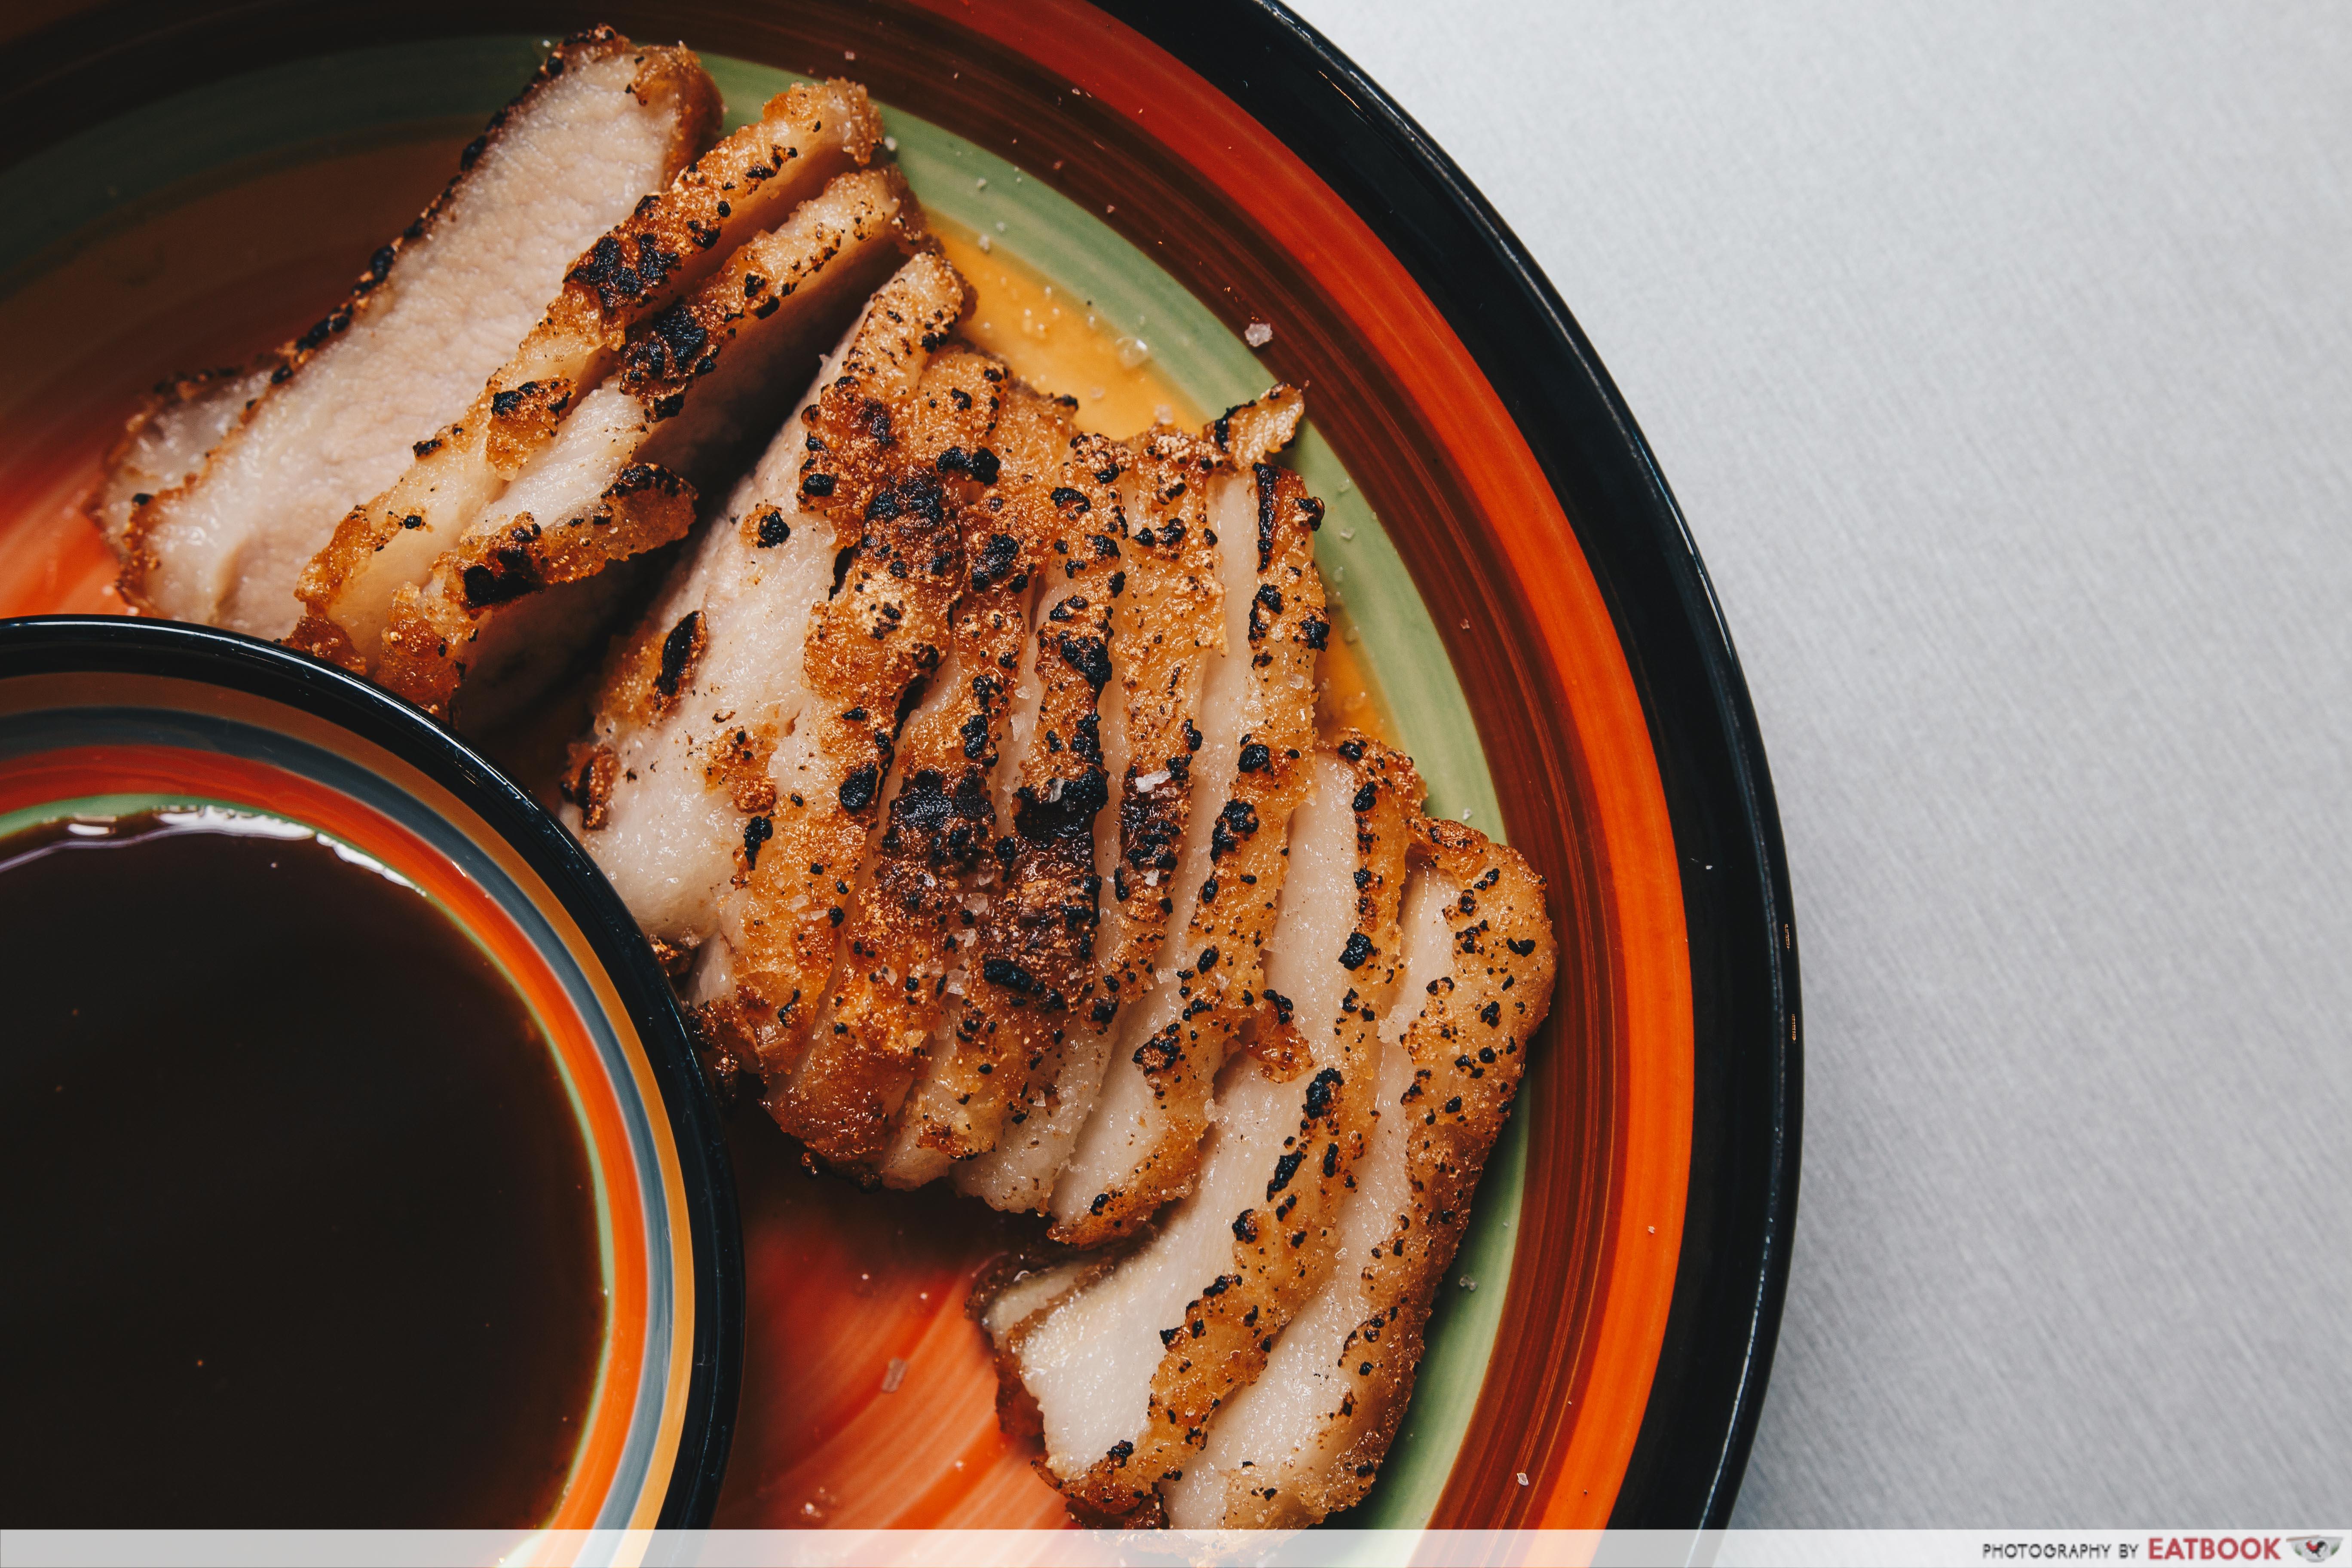 Garang Grill - Crispy Pork Jowl